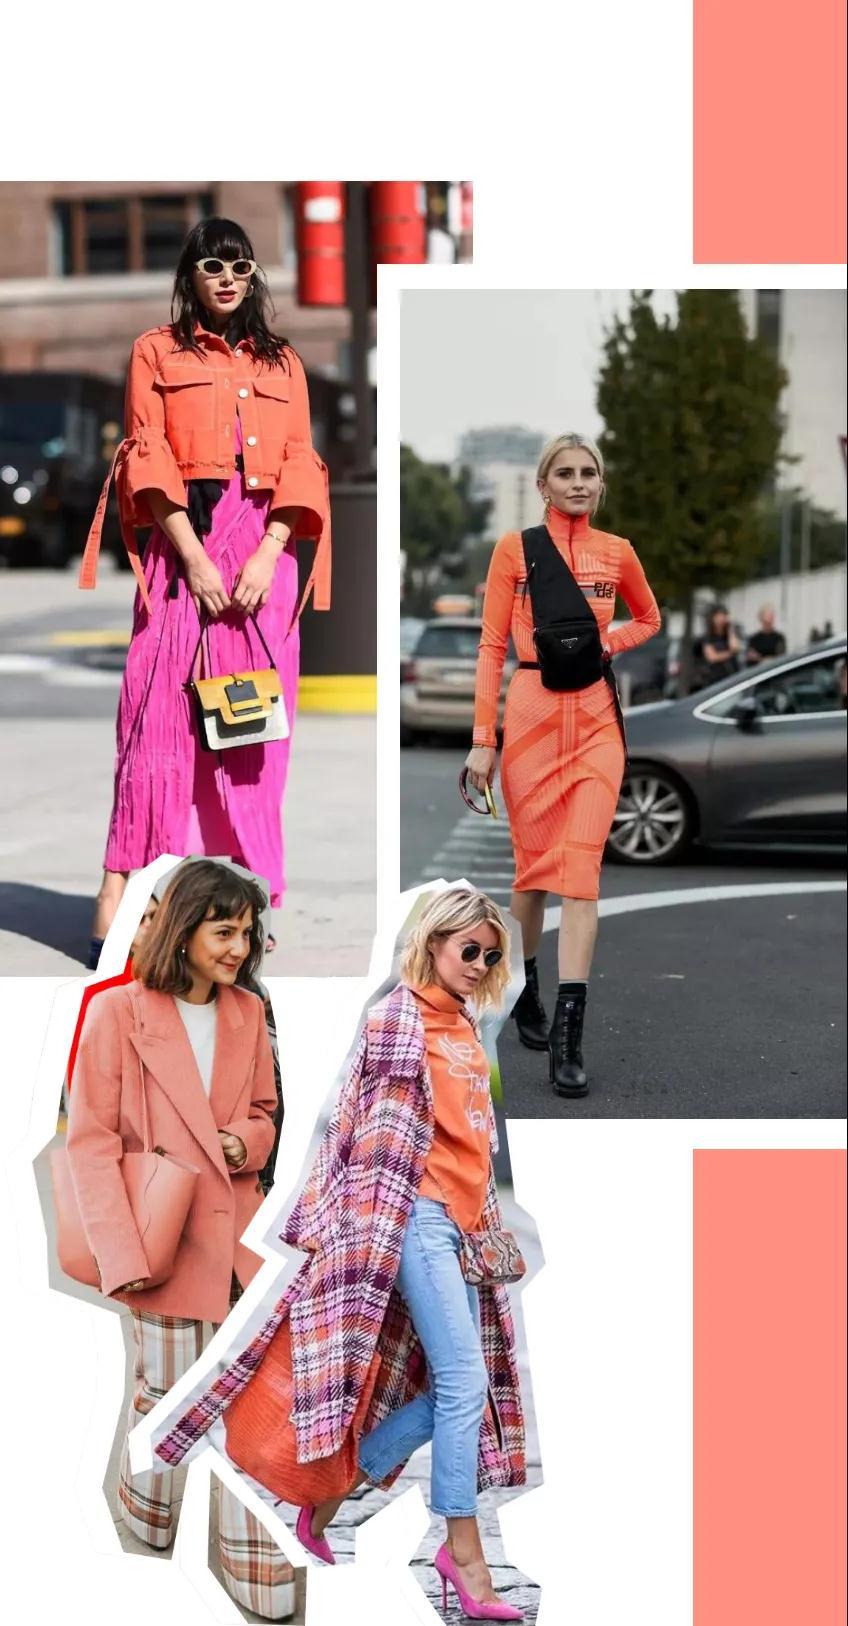 流行色彩趋势丨秋季衣橱里少了这款颜色是不完整的(图4)